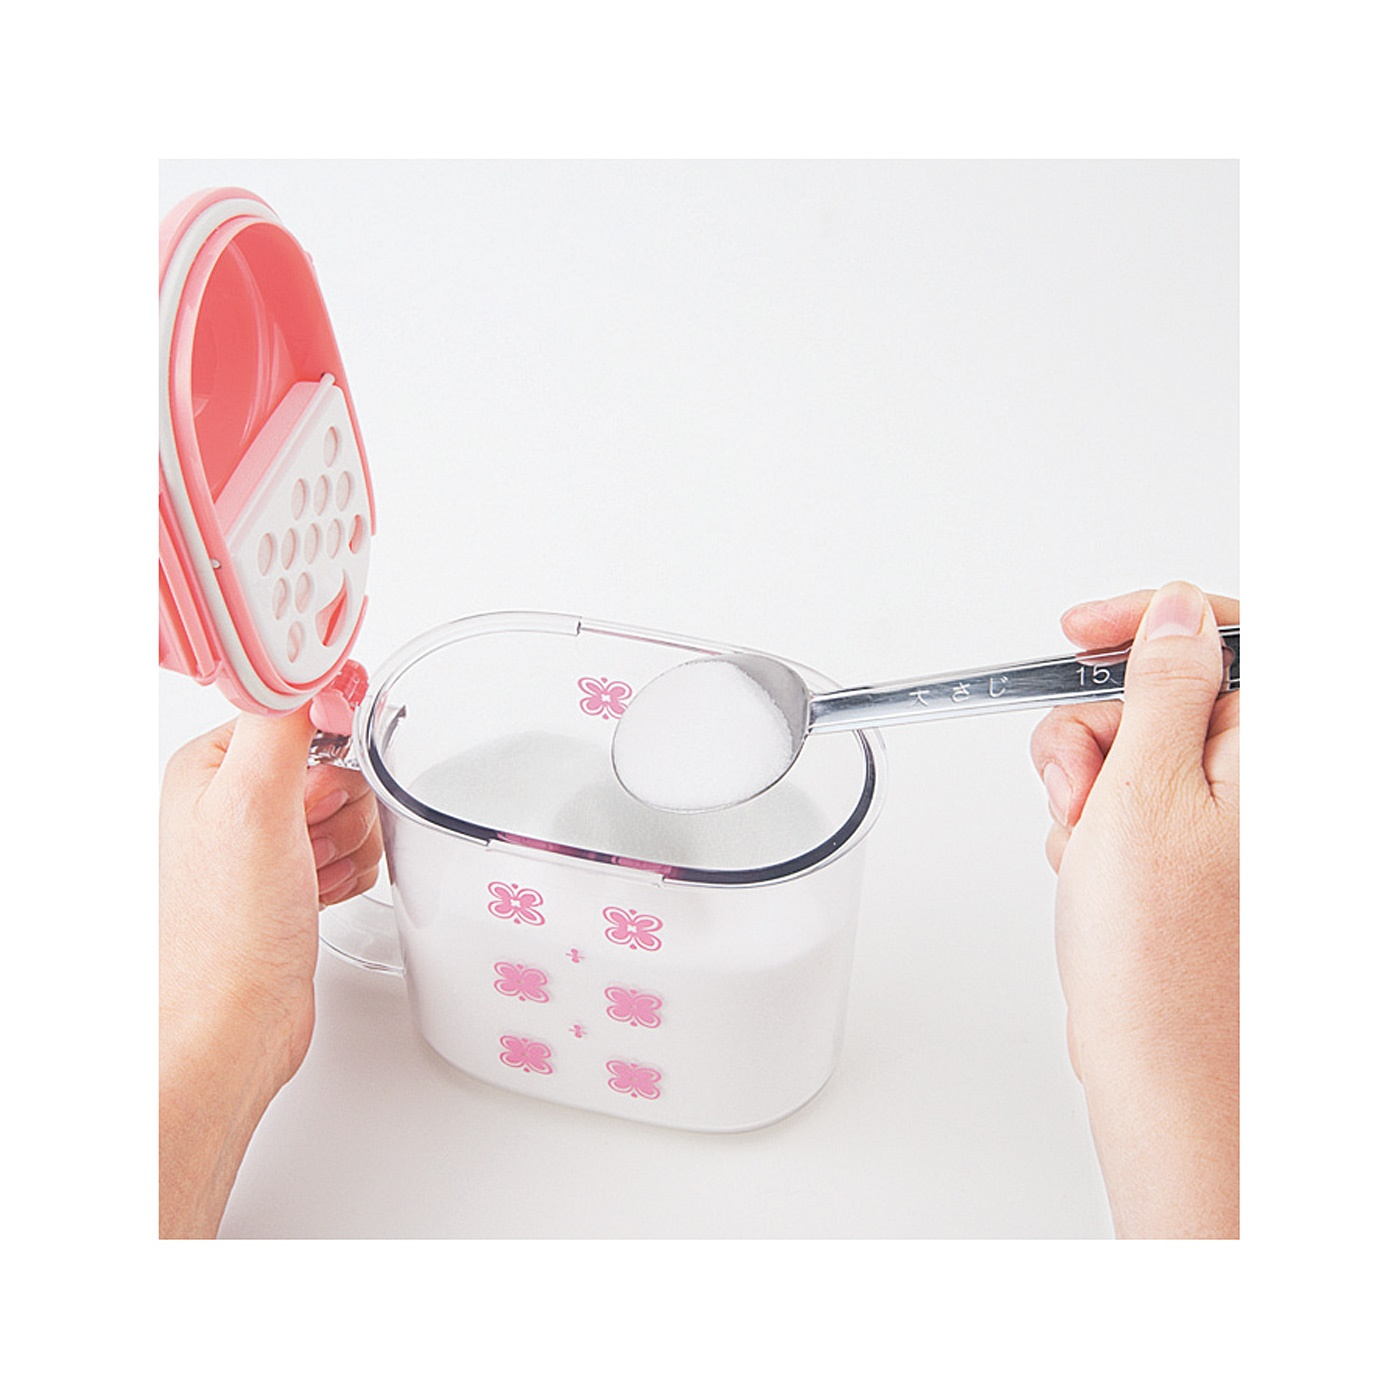 計量スプーンを使うときはさっとオープン。